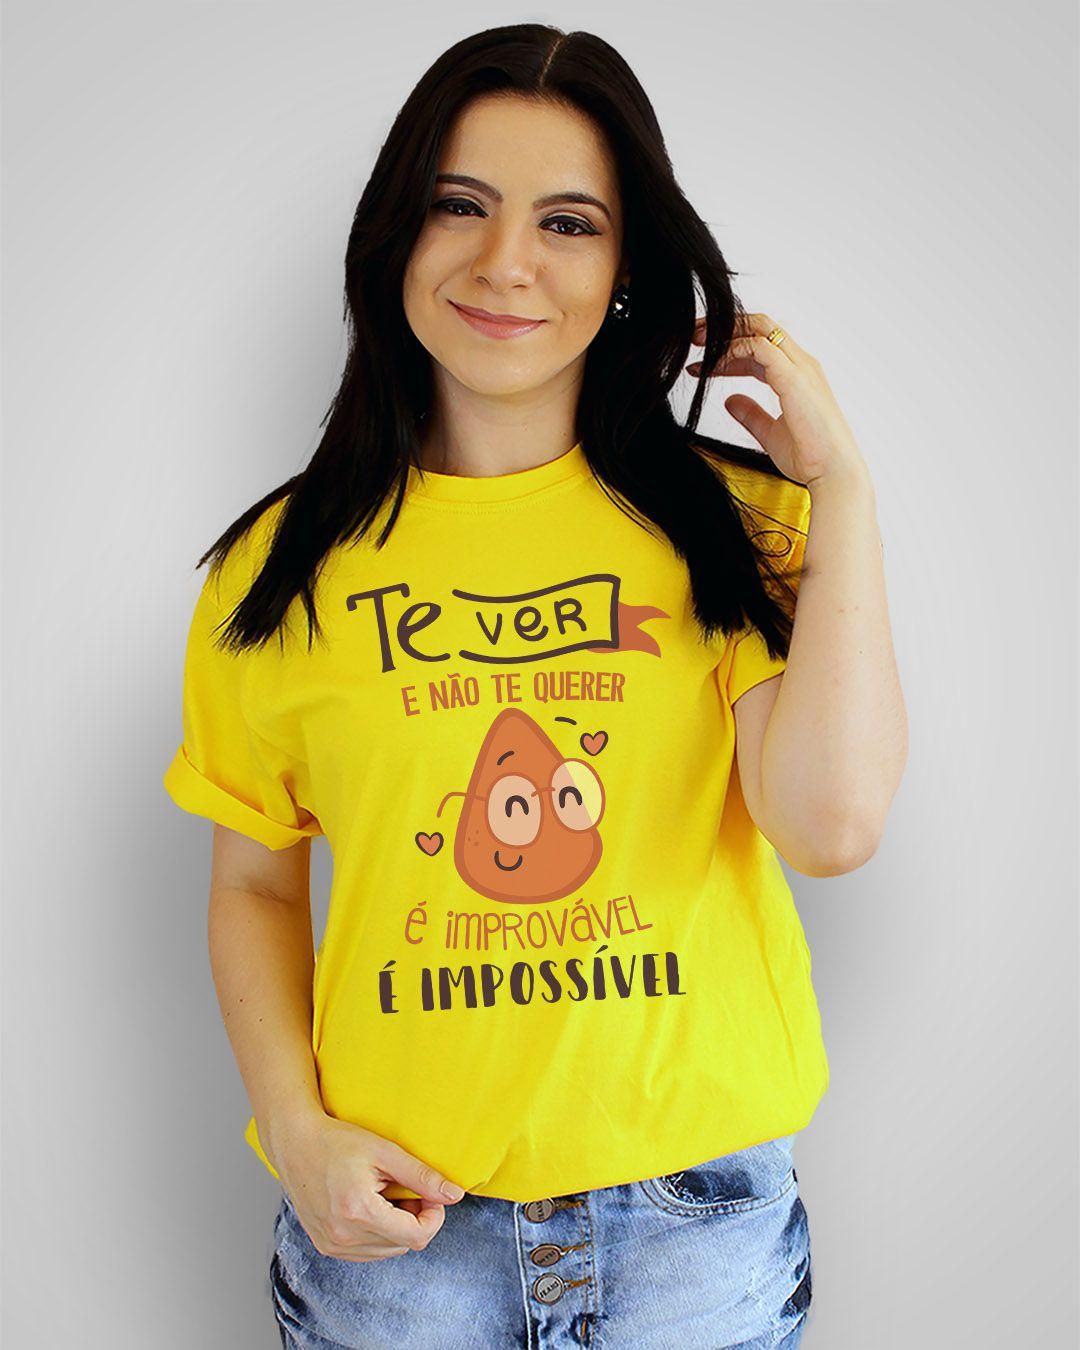 Camiseta Te ver e não te querer, é improvável, é impossível - Skank - Coxinha